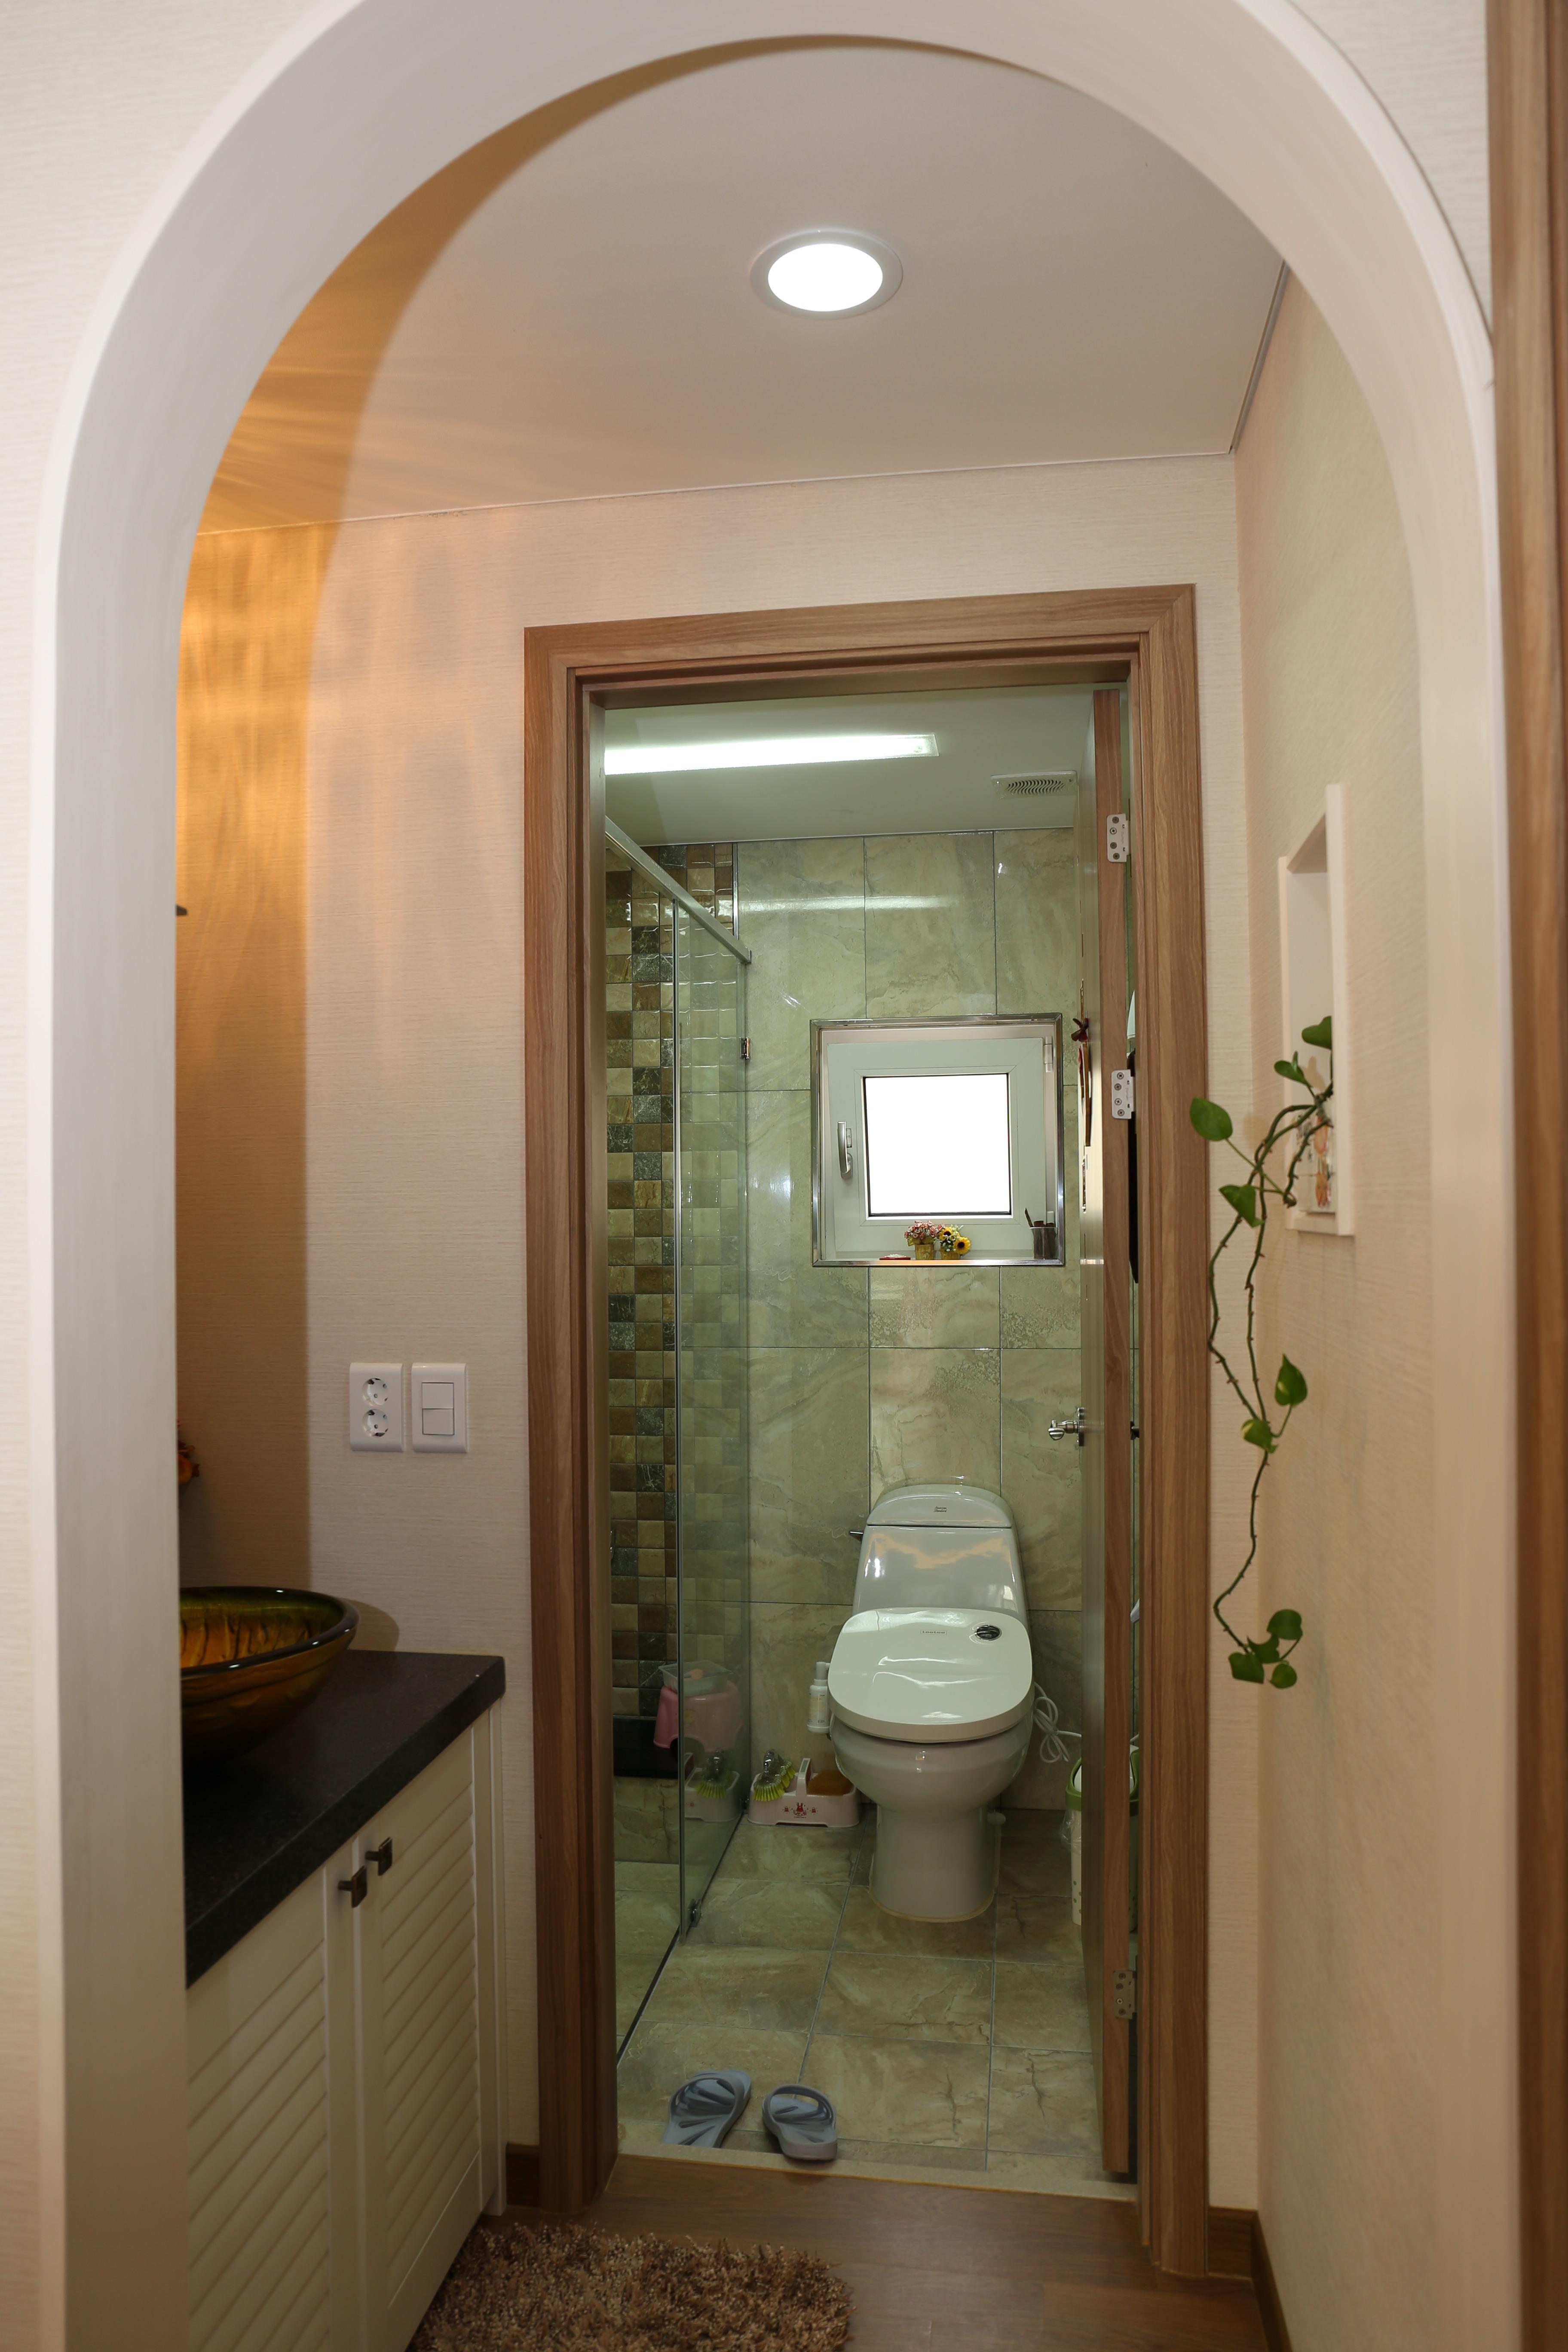 Gratis Afbeeldingen : verdieping, huis-, boog, hal, eigendom, kamer ...